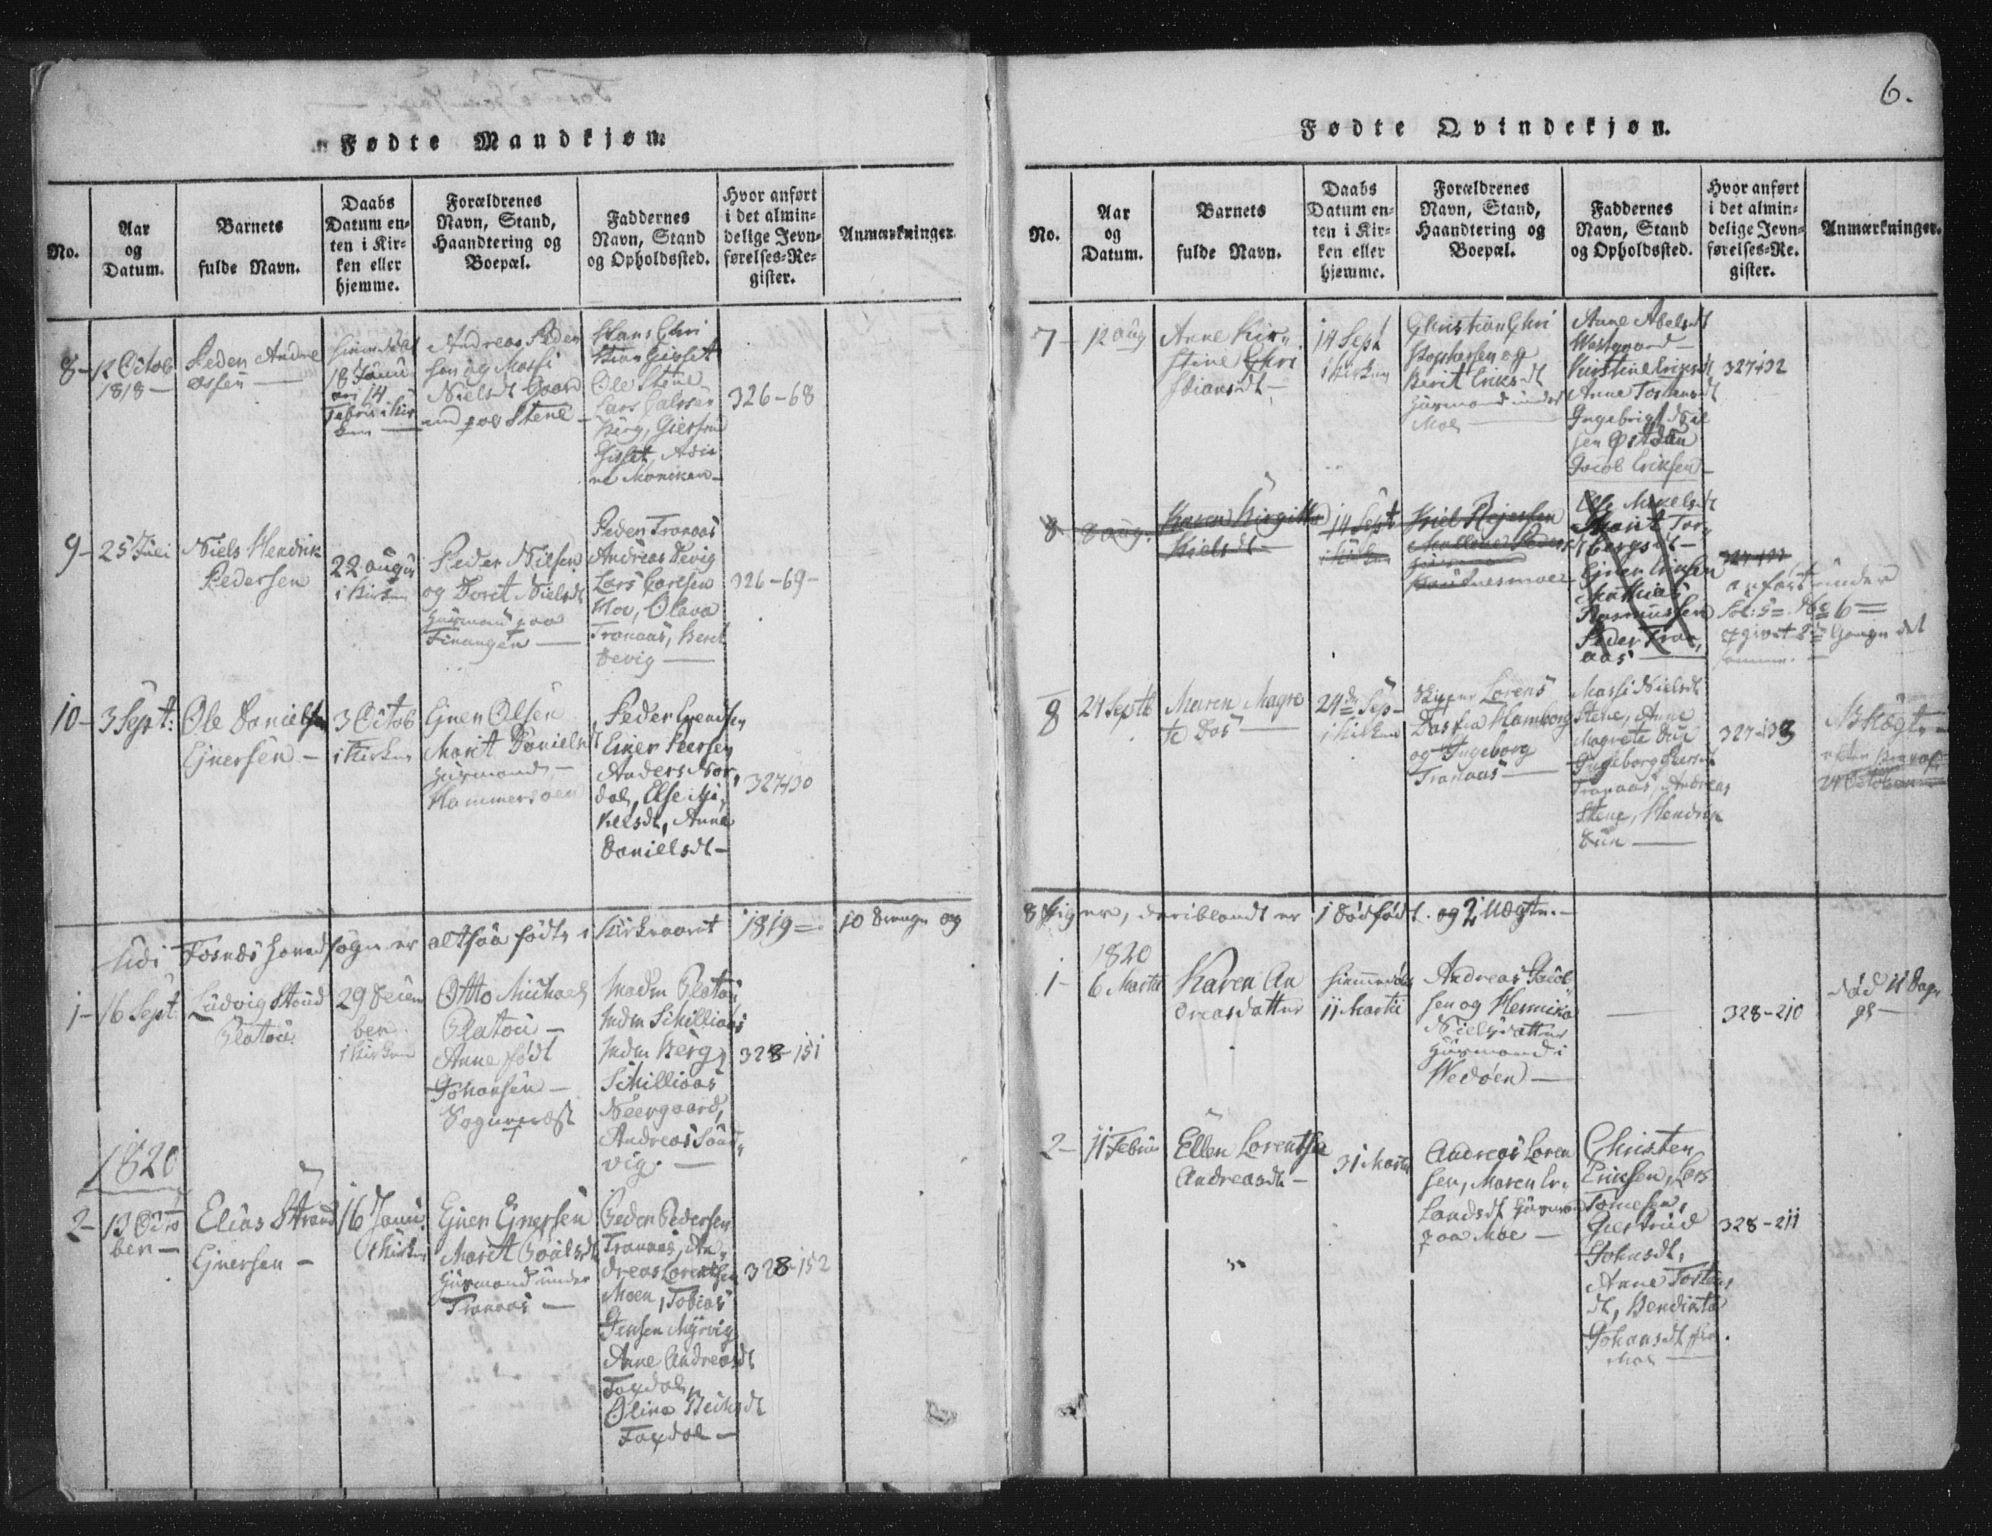 SAT, Ministerialprotokoller, klokkerbøker og fødselsregistre - Nord-Trøndelag, 773/L0609: Ministerialbok nr. 773A03 /1, 1815-1830, s. 6